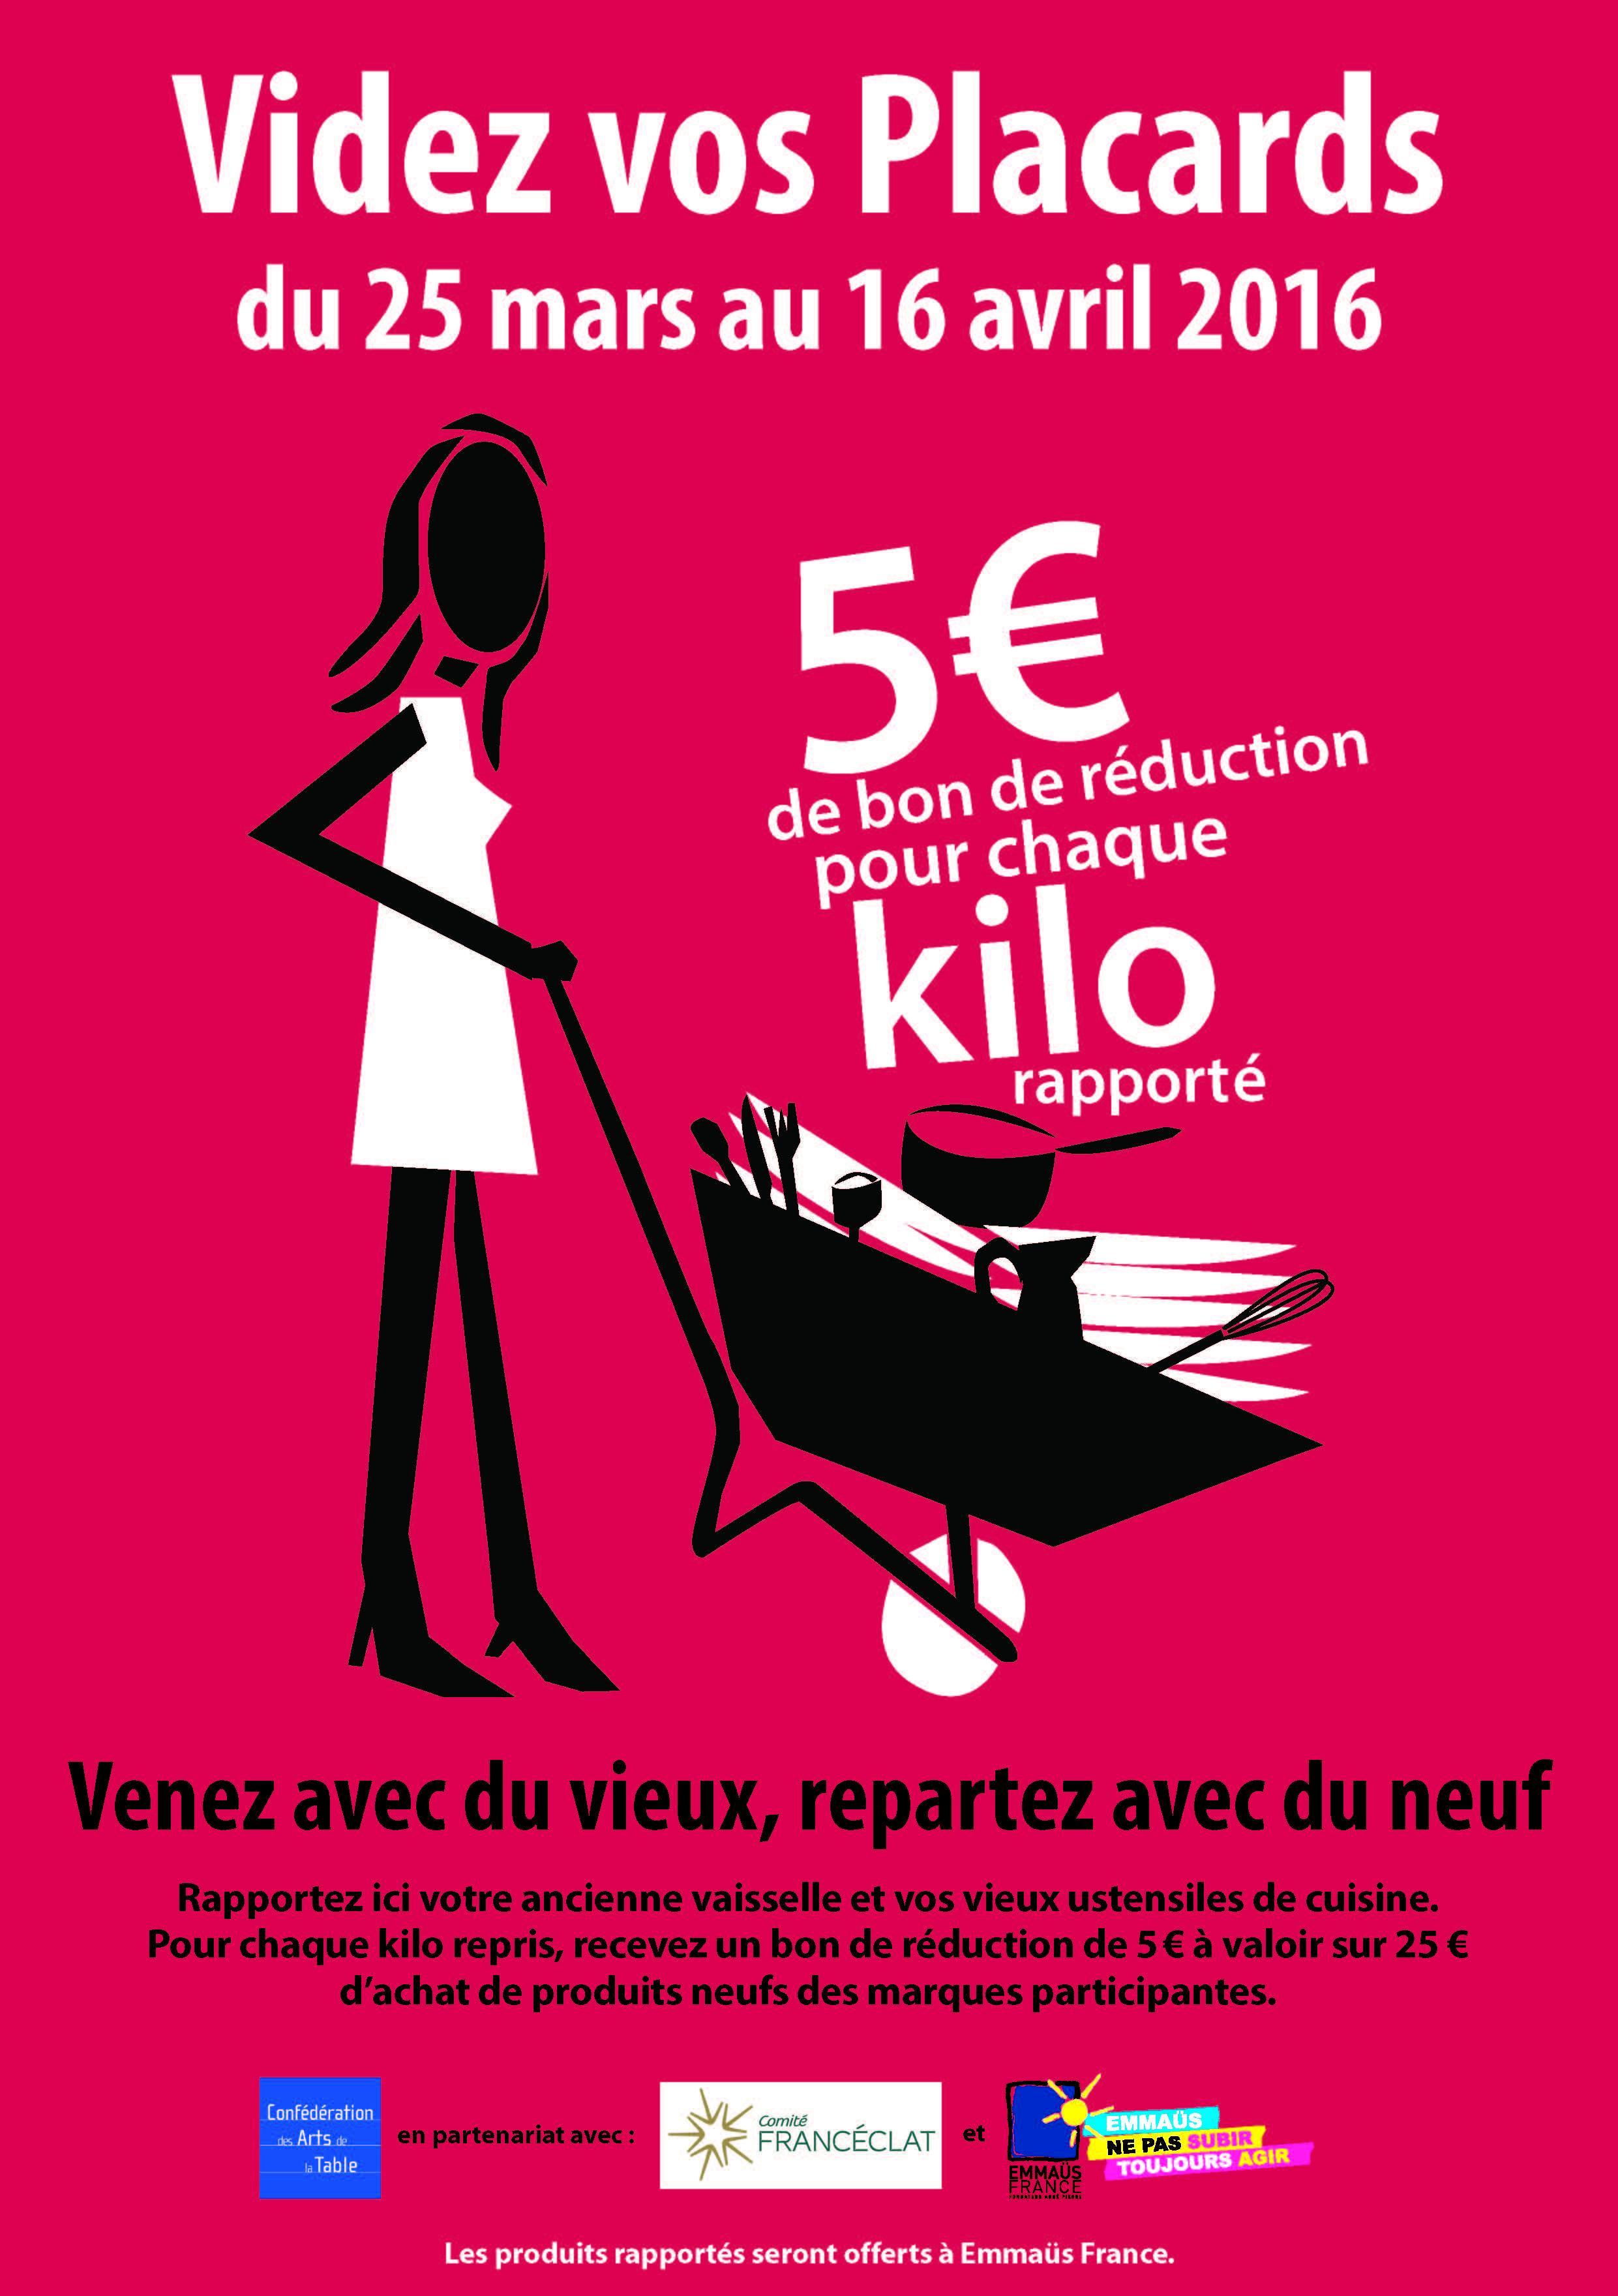 5€ Offert en bon d'achat pour chaque kilo de vaisselle rapporté